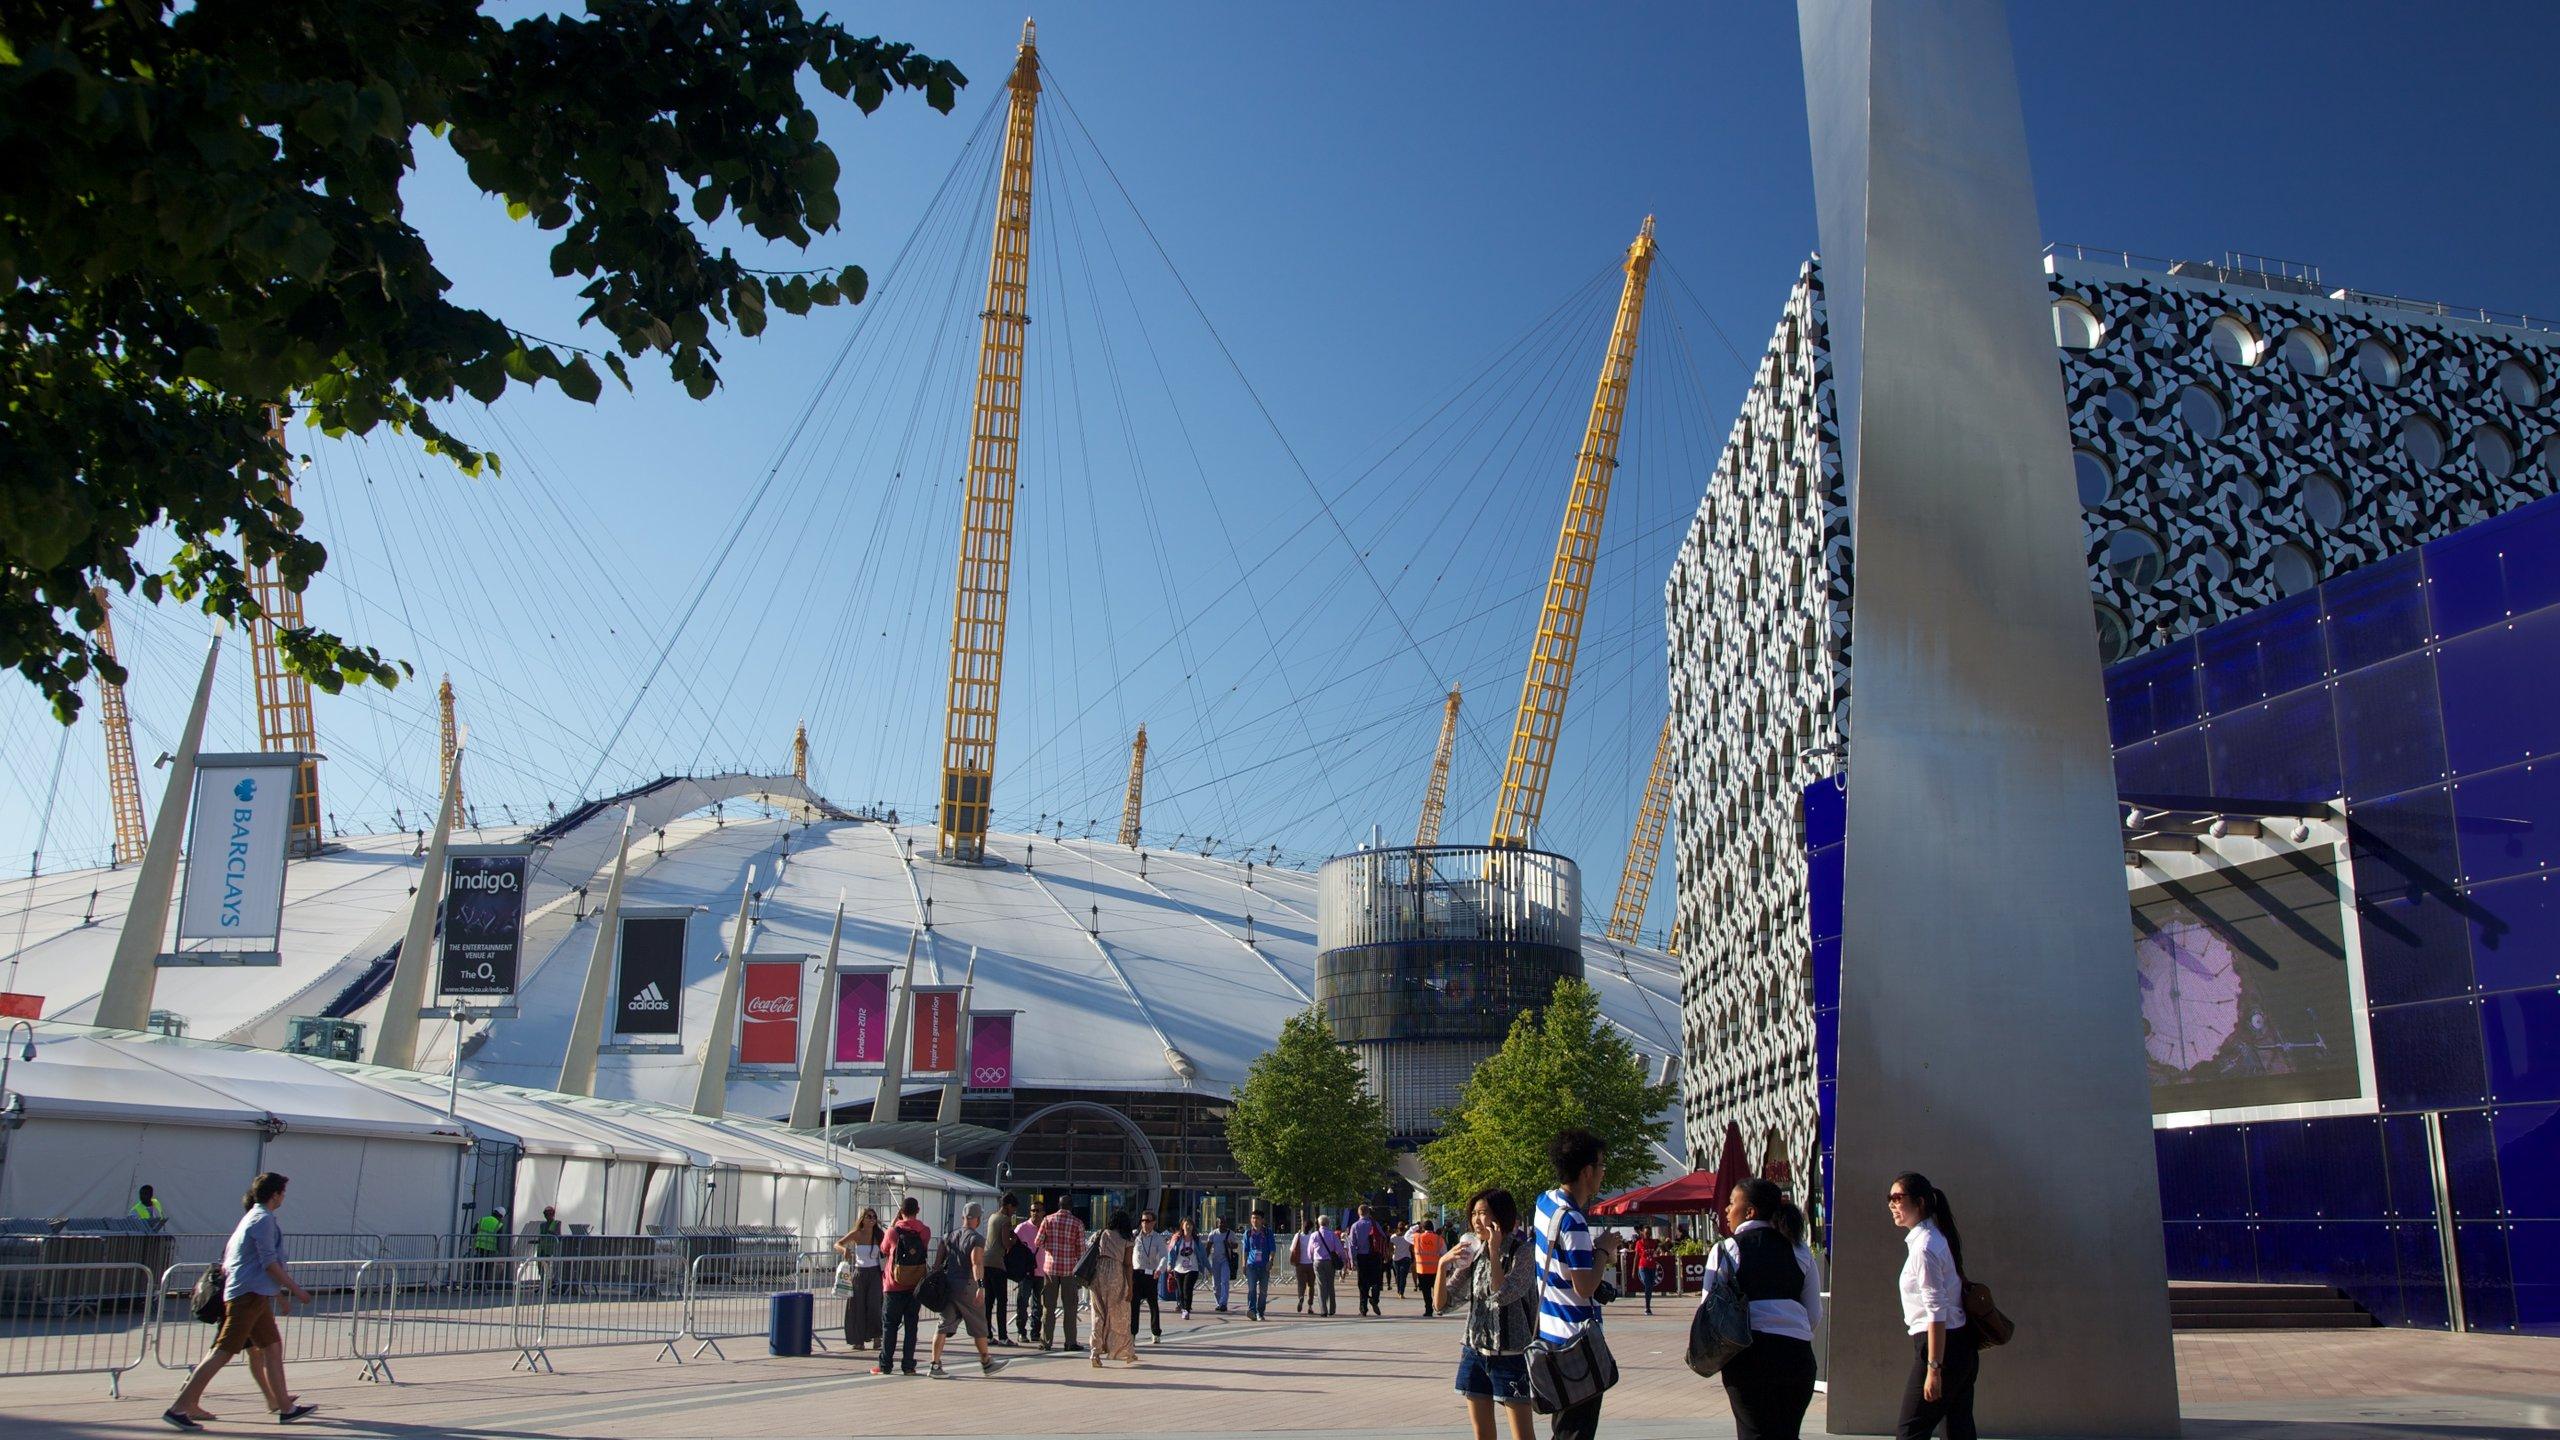 Gå på musik- eller sportevenemang, se en film eller bowla på en av världens mest välbesökta arenor, under en ikonisk kupol vid Themsen.